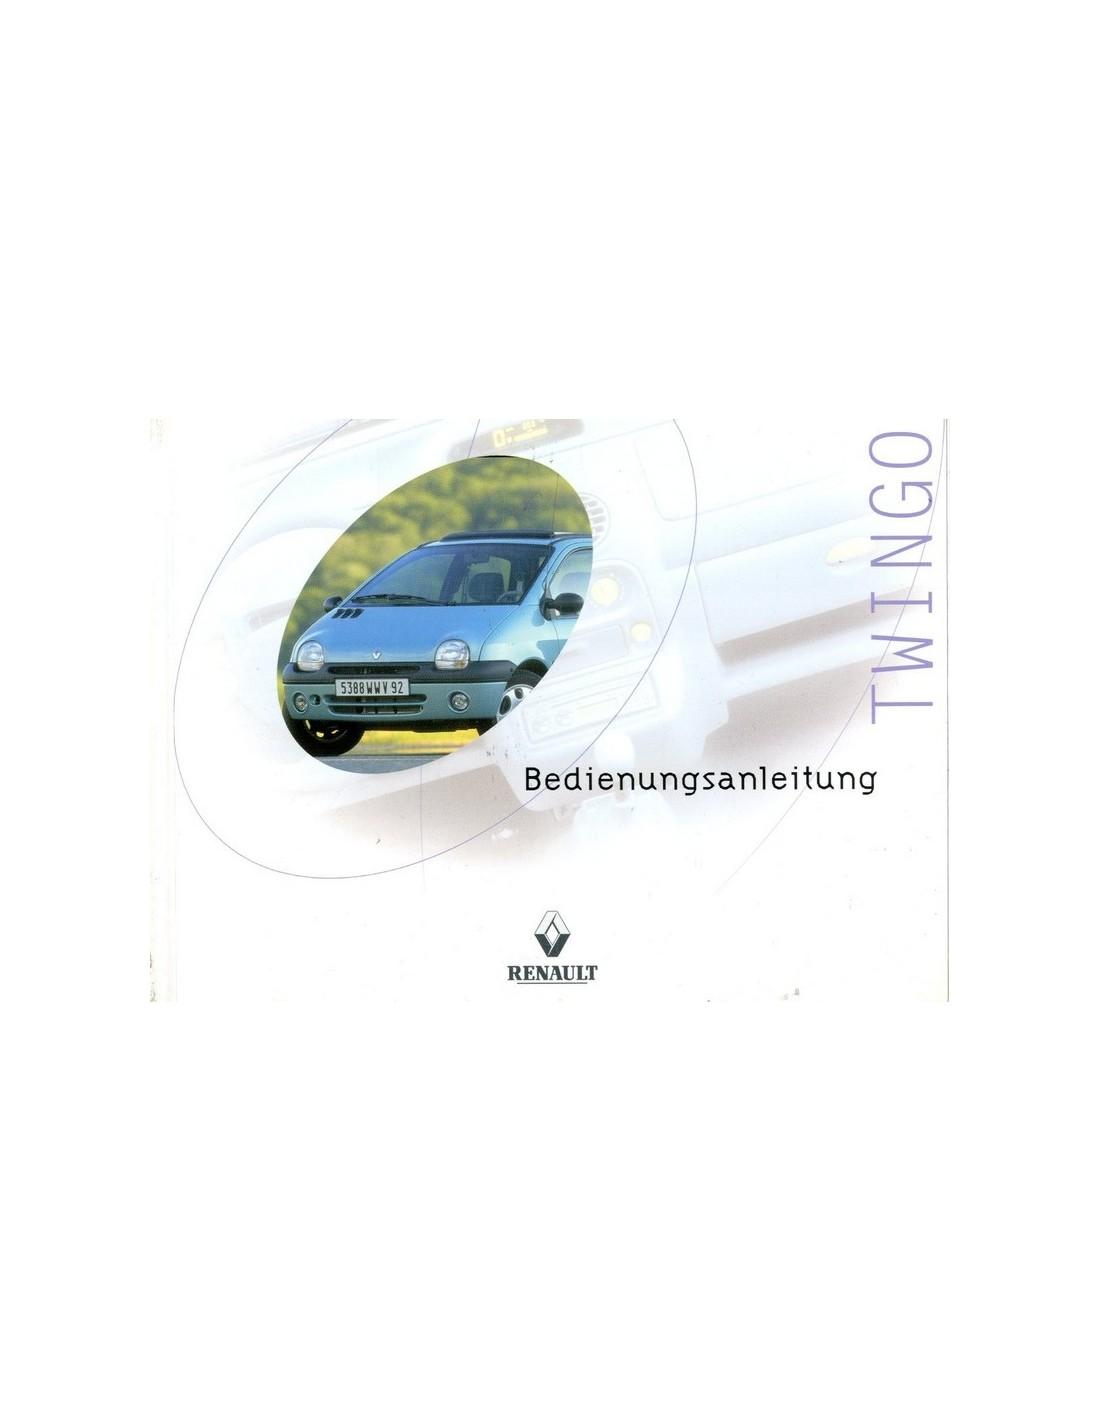 20010 renault twingo owner 39 s manual german. Black Bedroom Furniture Sets. Home Design Ideas